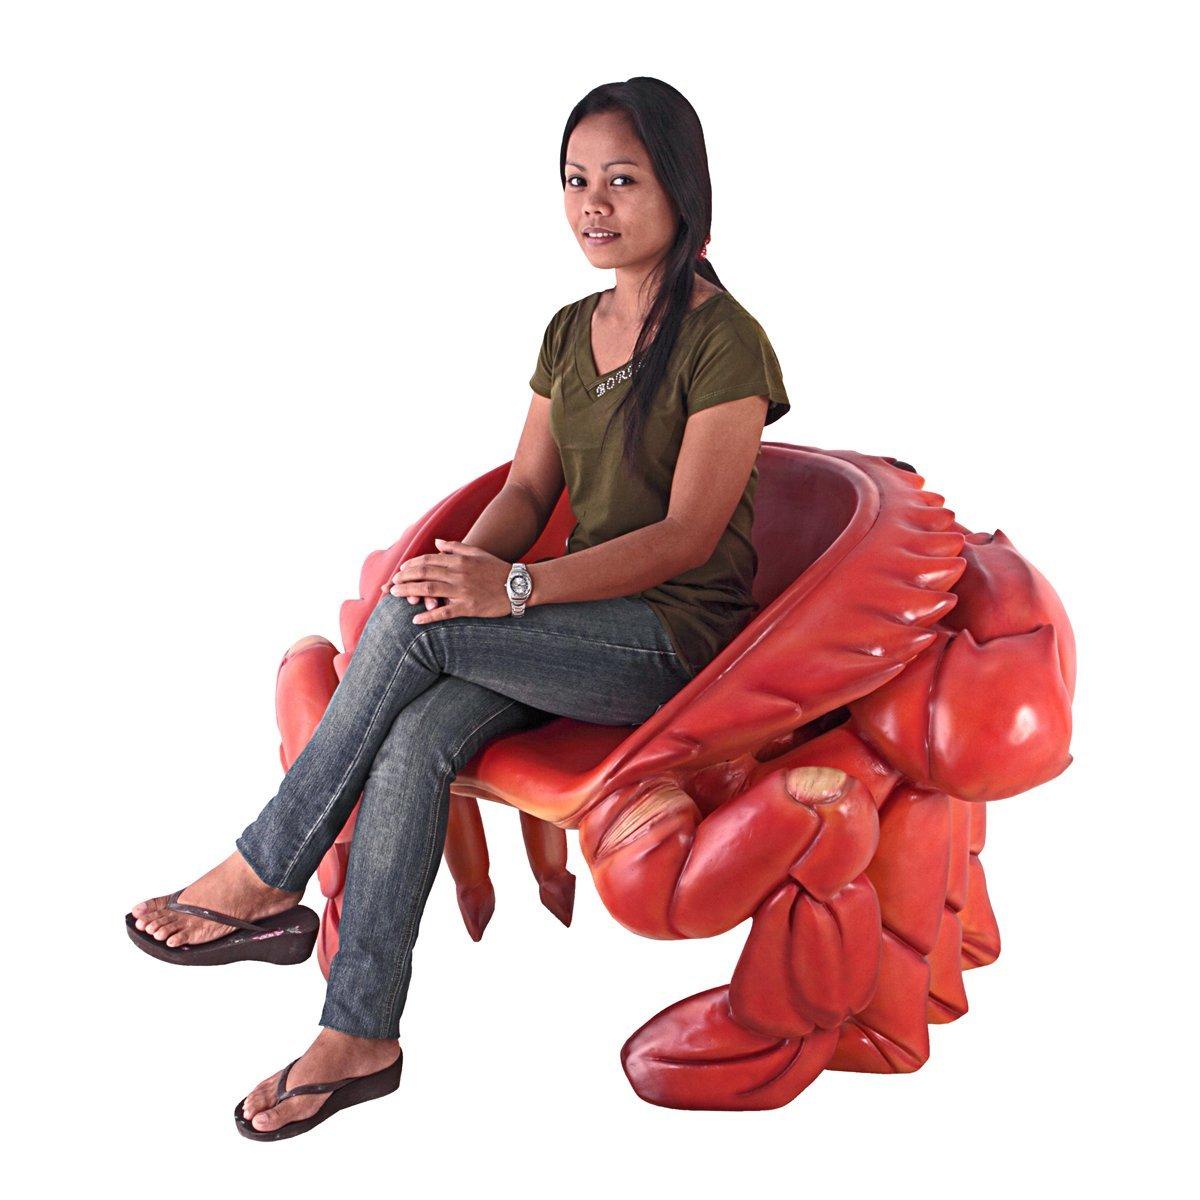 Tá a fim de comprar uma cadeira em forma de caranguejo?